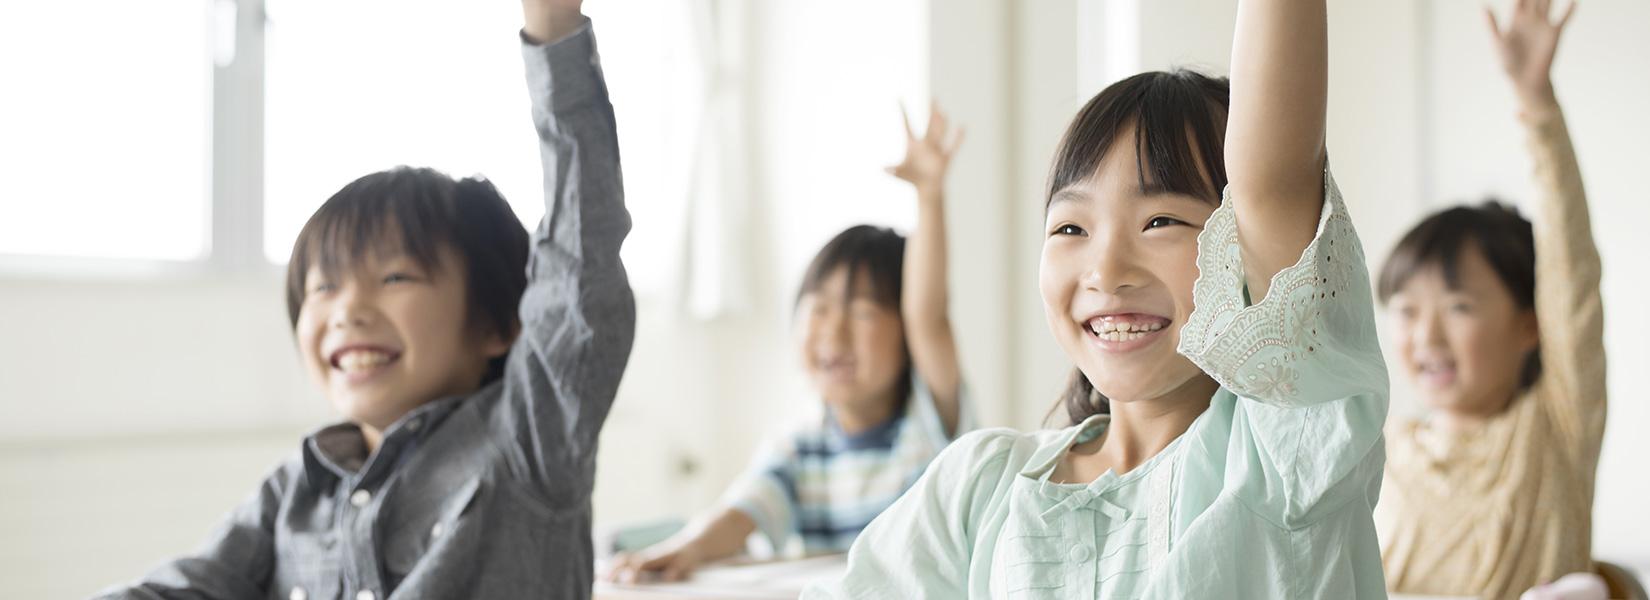 小児矯正は何歳から何歳まで?